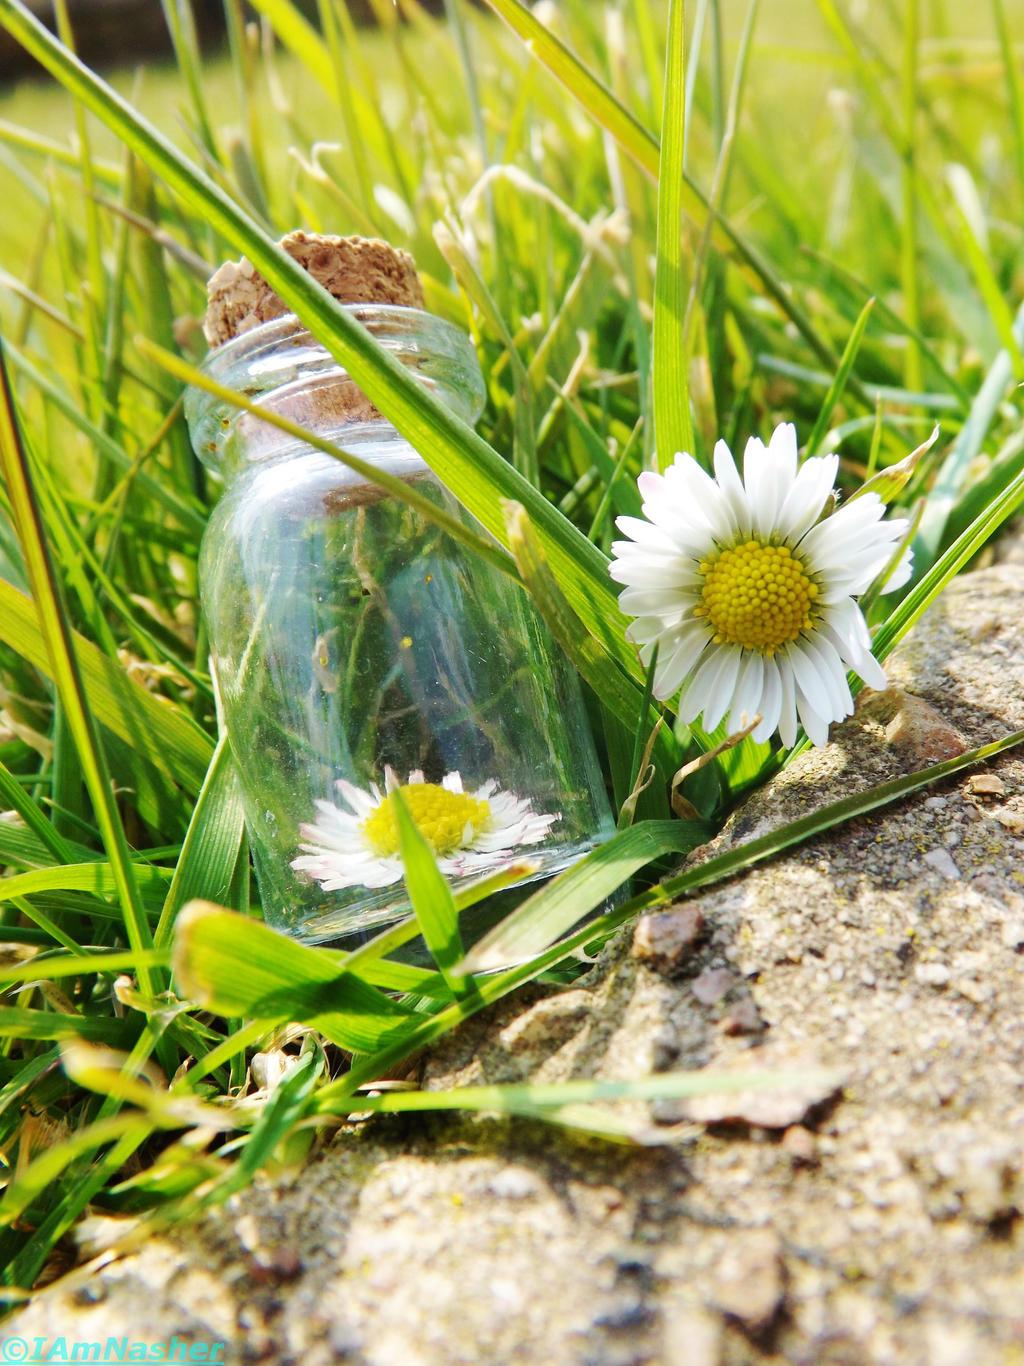 Daisy in a bottle II by IamNasher